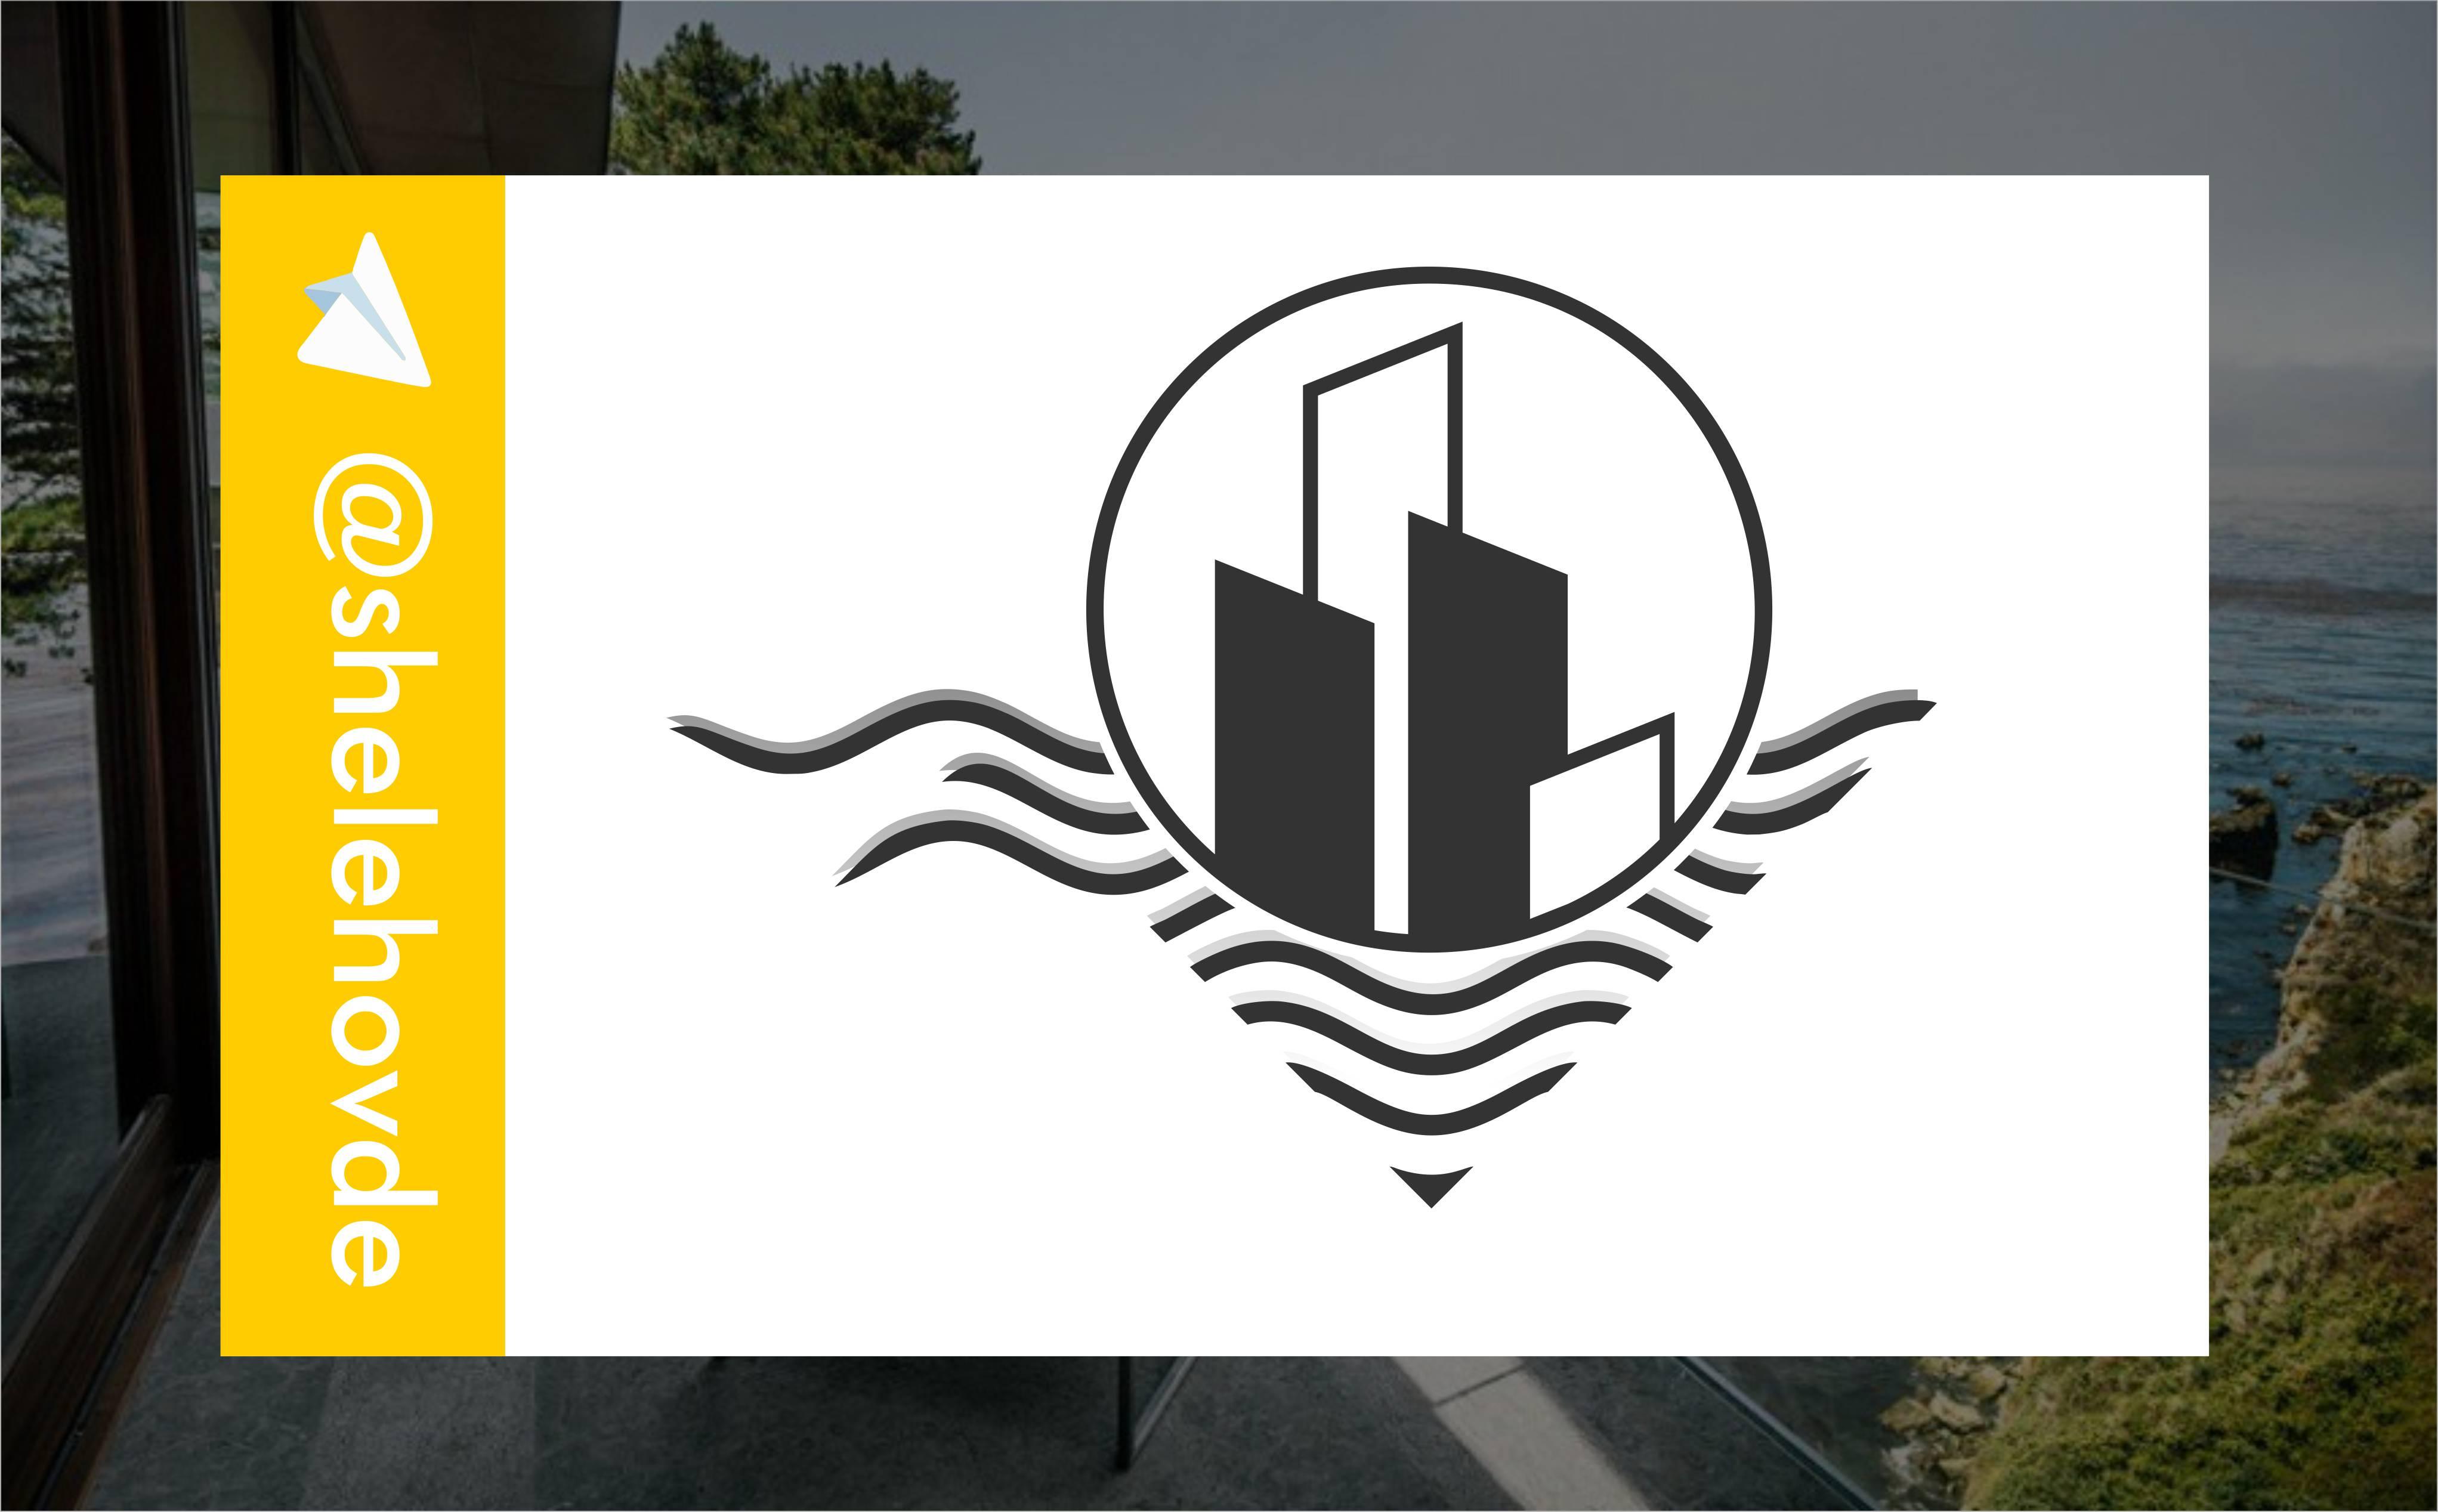 РАЗРАБОТКА логотипа для ЖИЛОГО КОМПЛЕКСА премиум В АНАПЕ.  фото f_2175ded0a7b90dfa.jpg